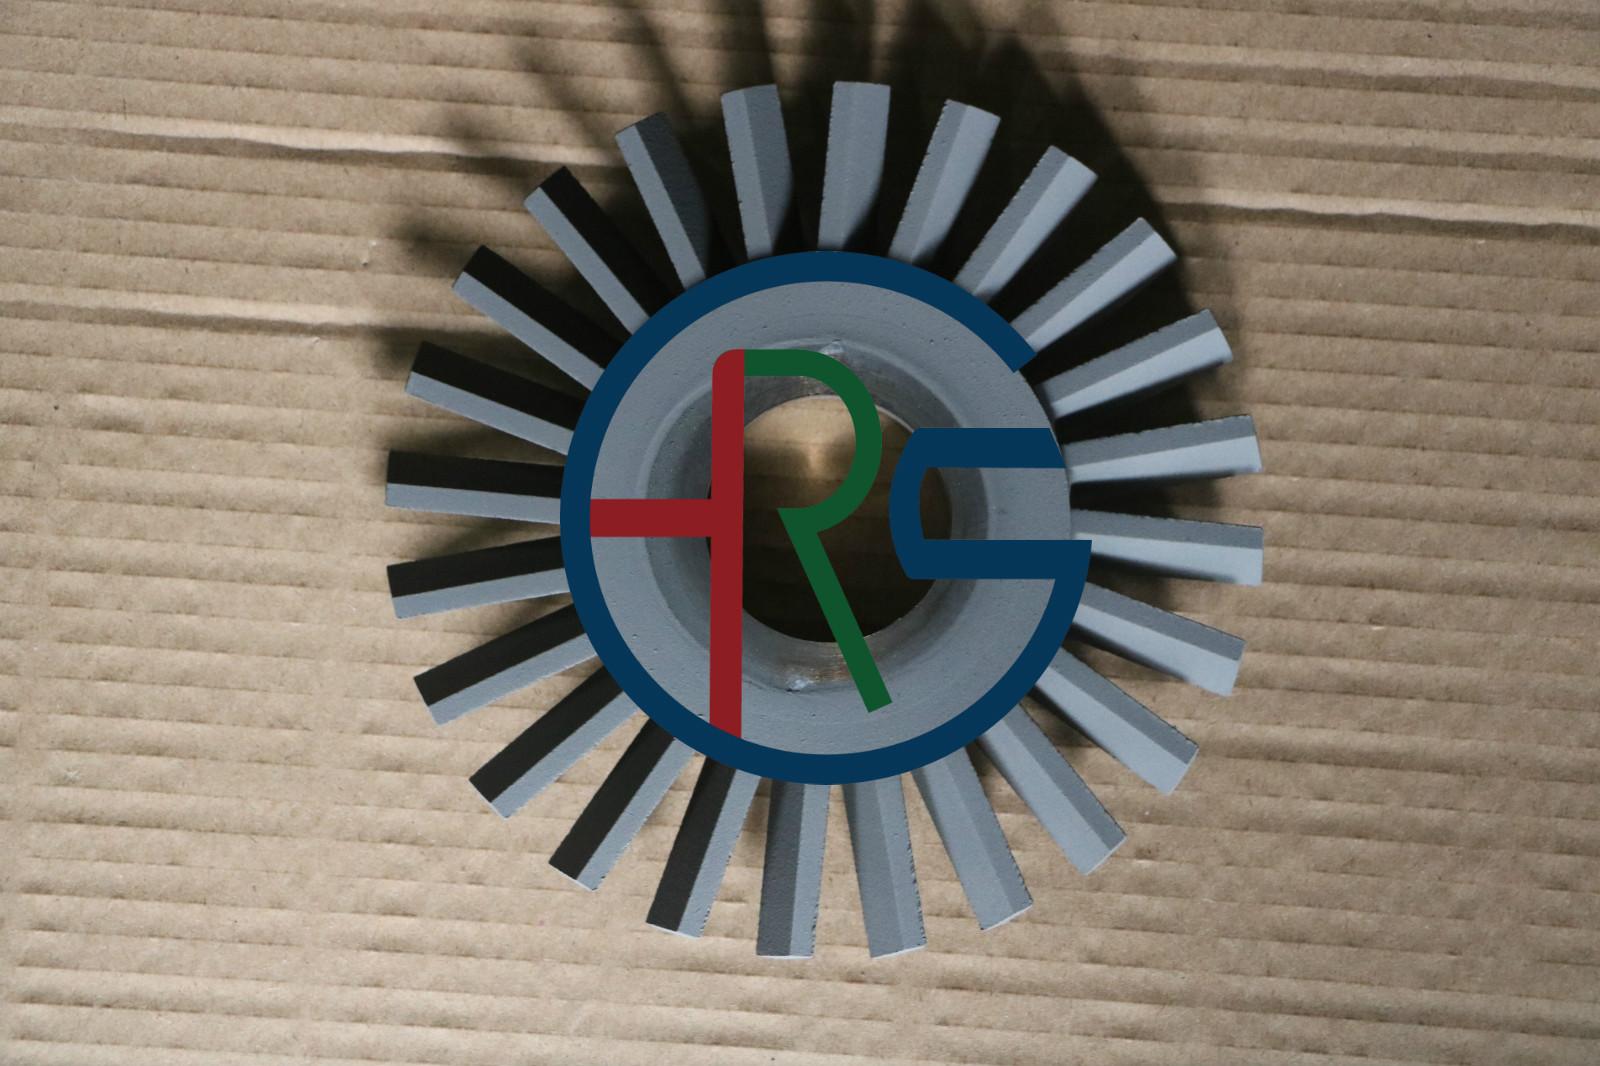 不锈钢风轮喷涂耐磨碳化钨涂层